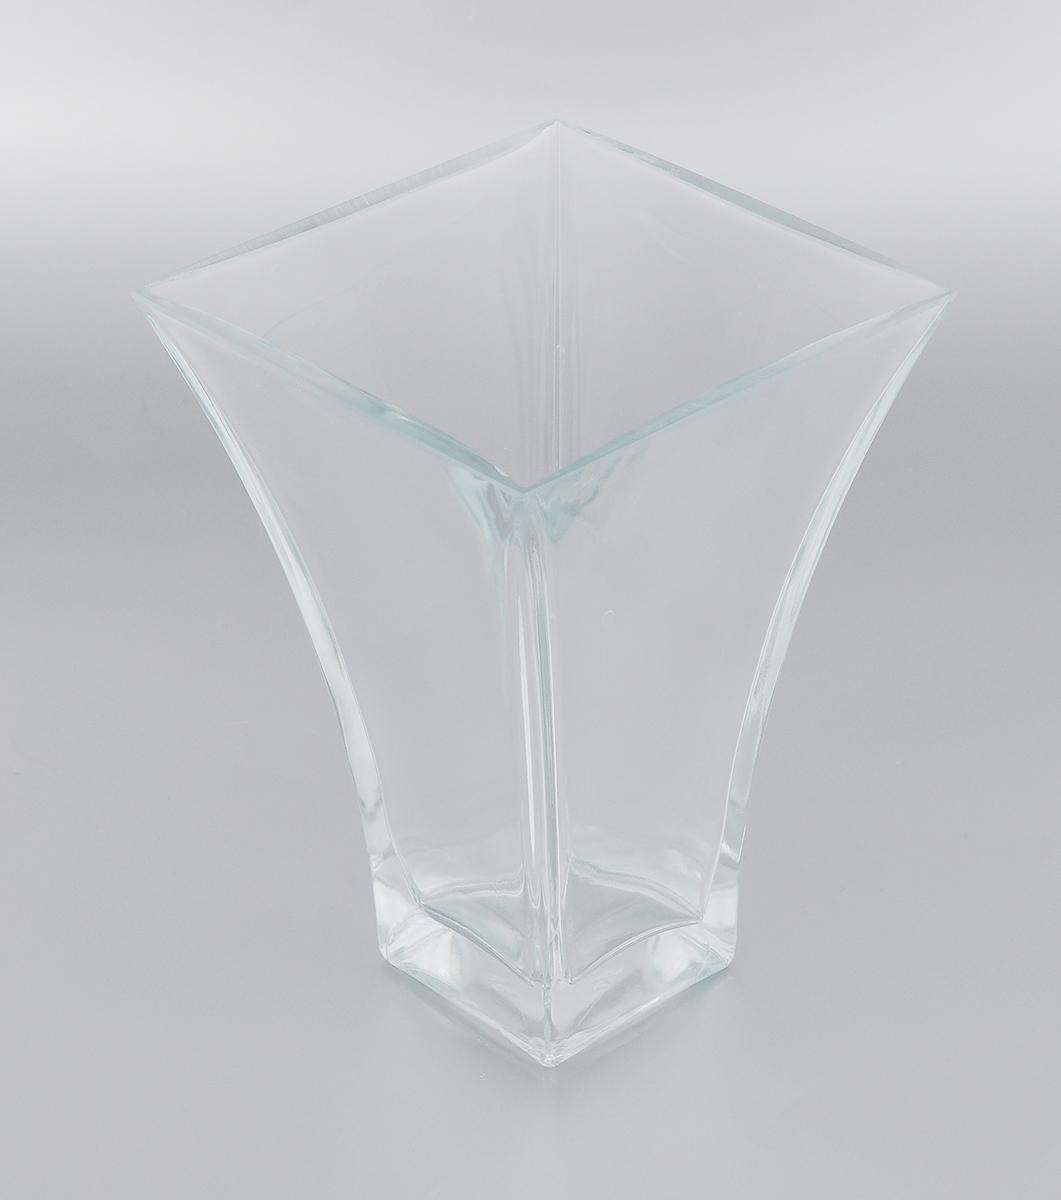 Ваза Pasabahce Botanica, высота 20 см. 80149B80149BЭлегантная ваза Pasabahce Botanica выполнена из высококачественного натрий-кальций-силикатного стекла.Изделие придется по вкусу и ценителям классики, и тем, кто предпочитает утонченность и изящность. Вы можете поставить вазу в любом месте, где она будет удачно смотреться и радовать глаз. Такая ваза подойдет для декора интерьера. Кроме того - это отличный вариант подарка для ваших близких и друзей. Можно мыть в посудомоечной машине.Высота вазы: 20 см.Размер вазы (по верхнему краю): 14,5 х 14,5 см.